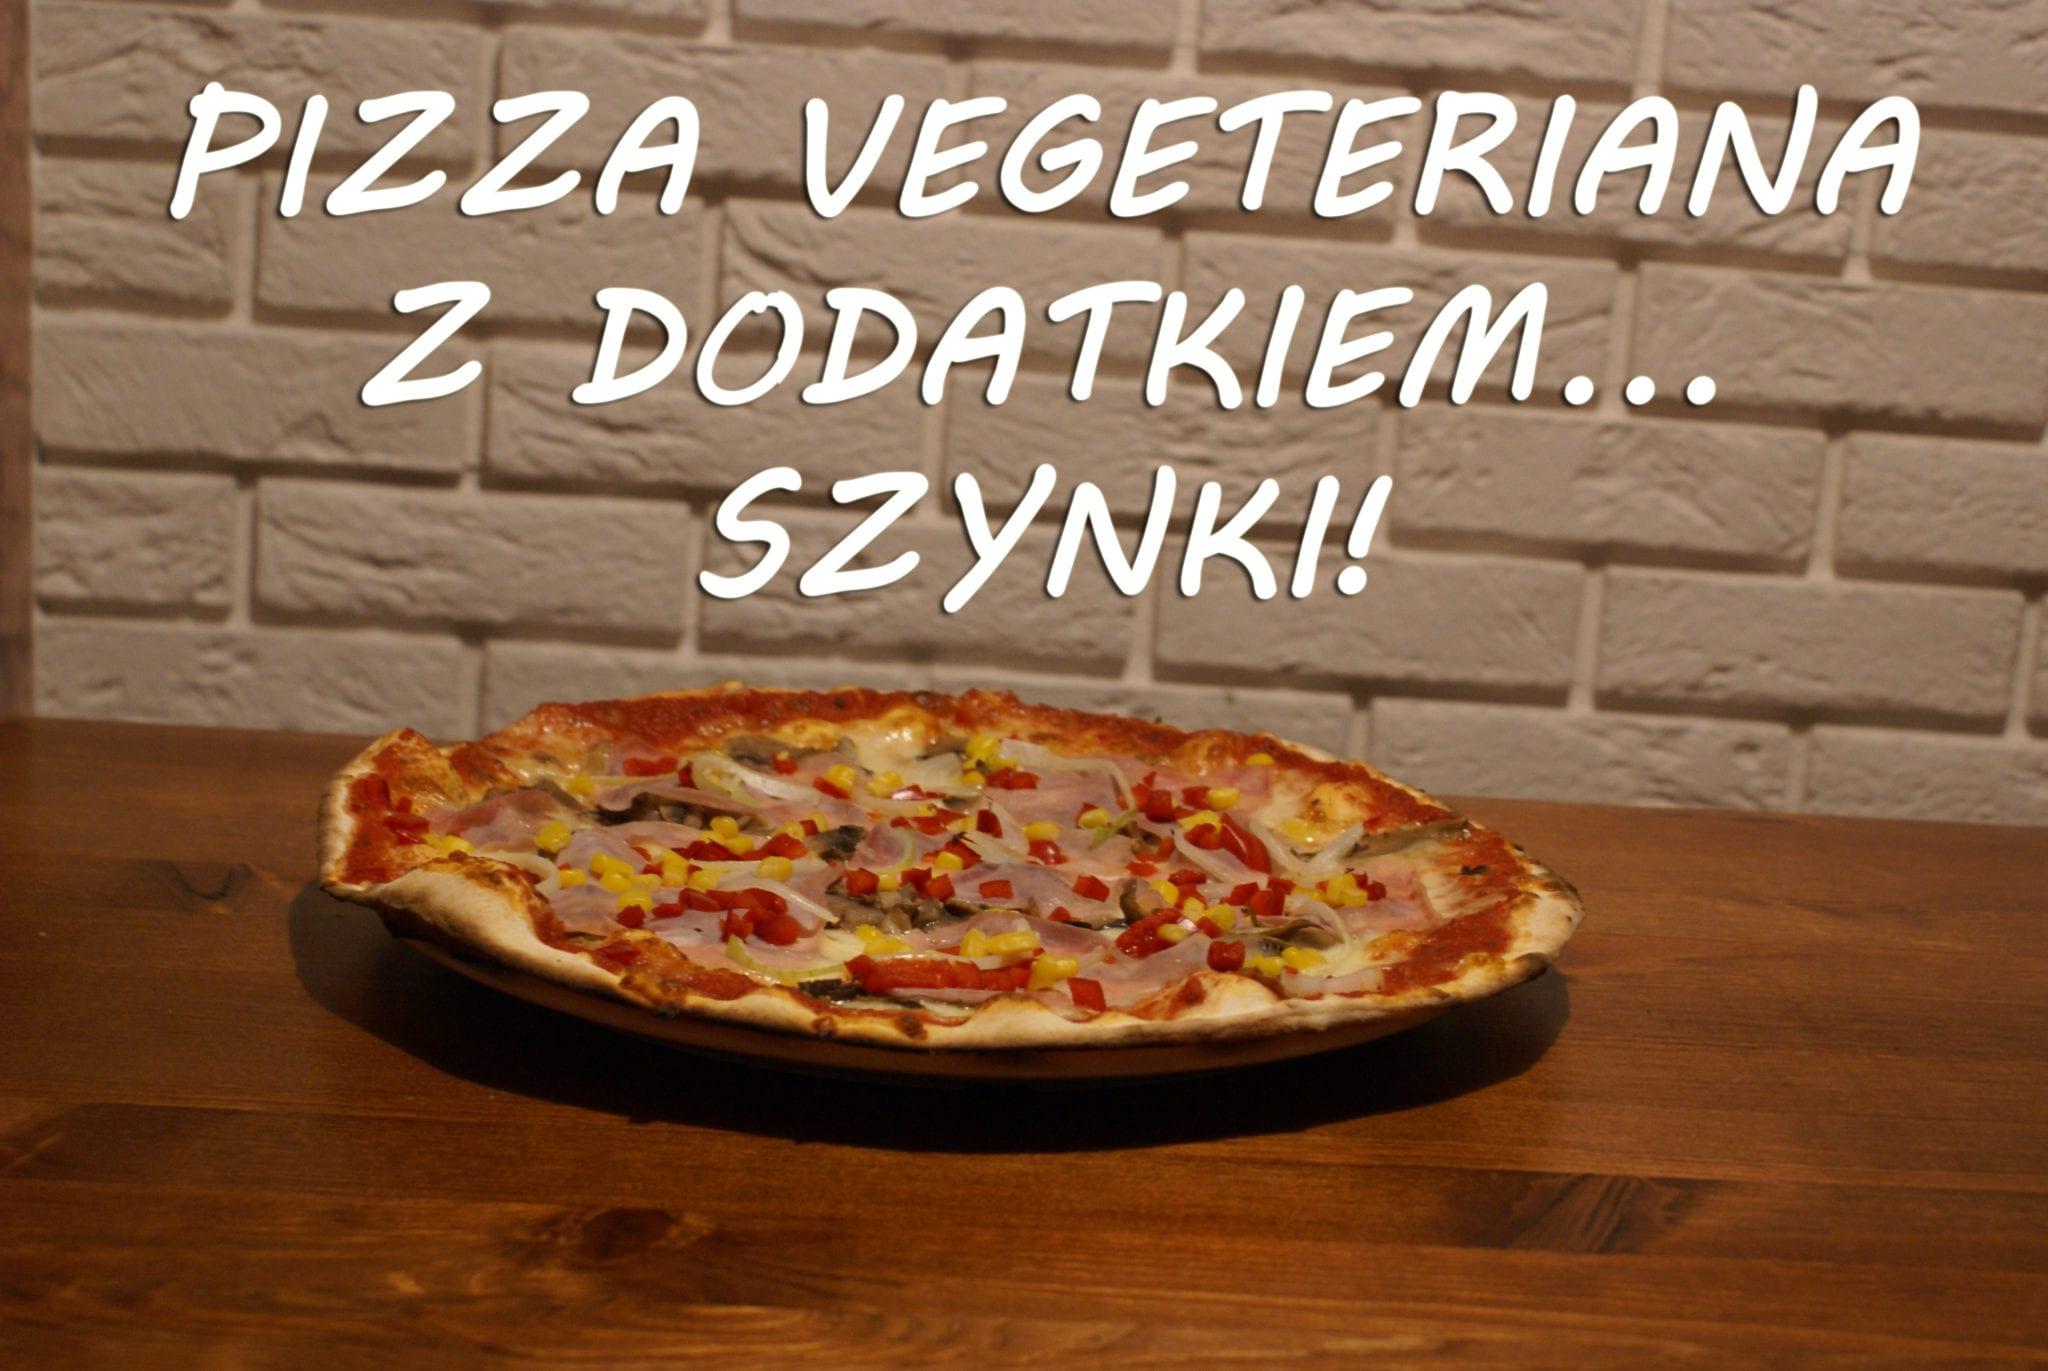 Pizza Vegeteriana z dodatkiem... szynki!